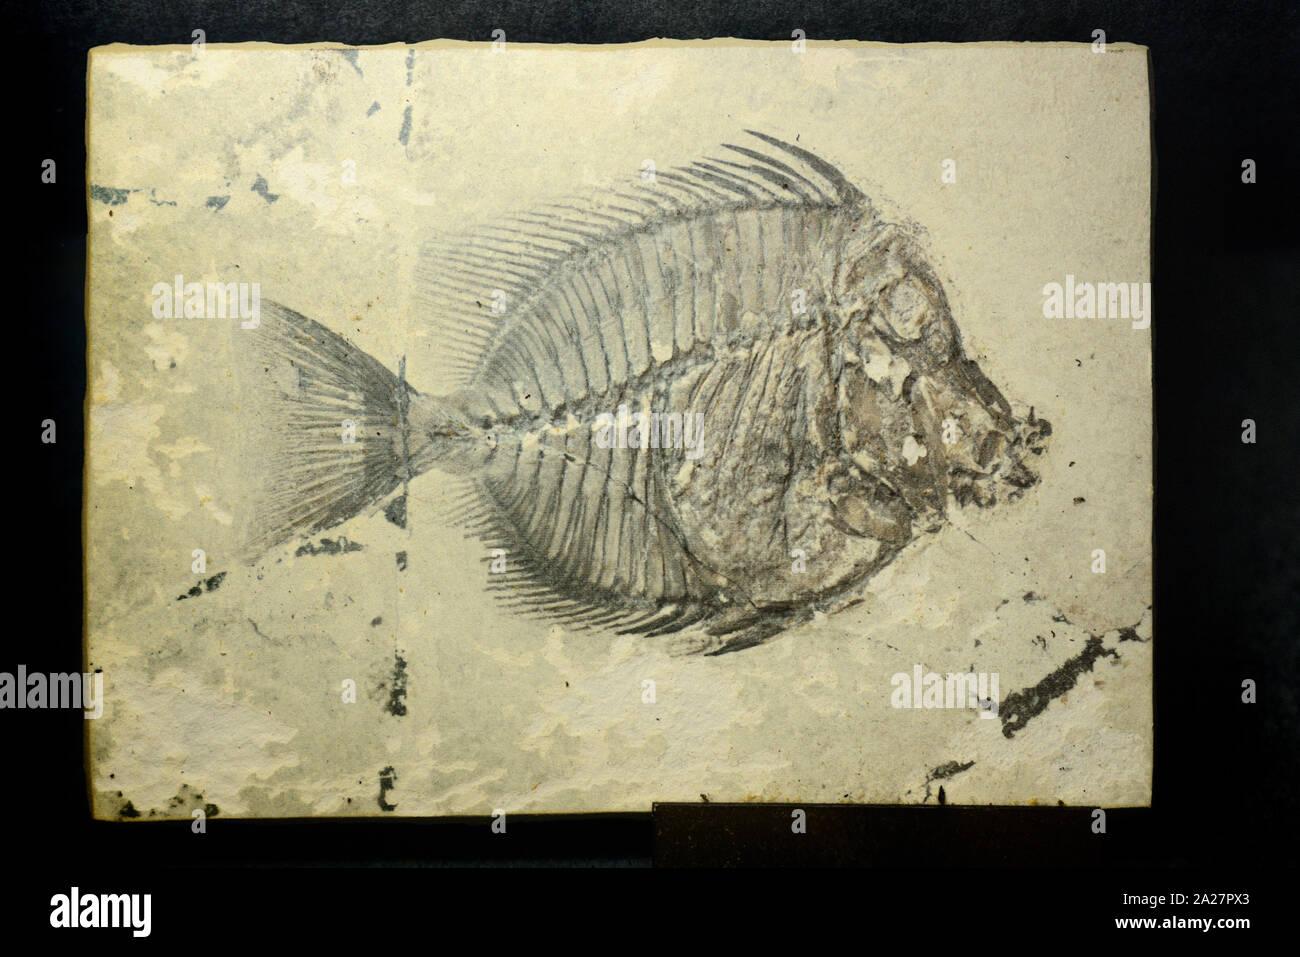 Naseus nuchalis combustibles, une espèce de poissons fossilisés ou dupliquer un fossile de l'ère de l'éocène 40MA découvert à Vérone Italie Banque D'Images